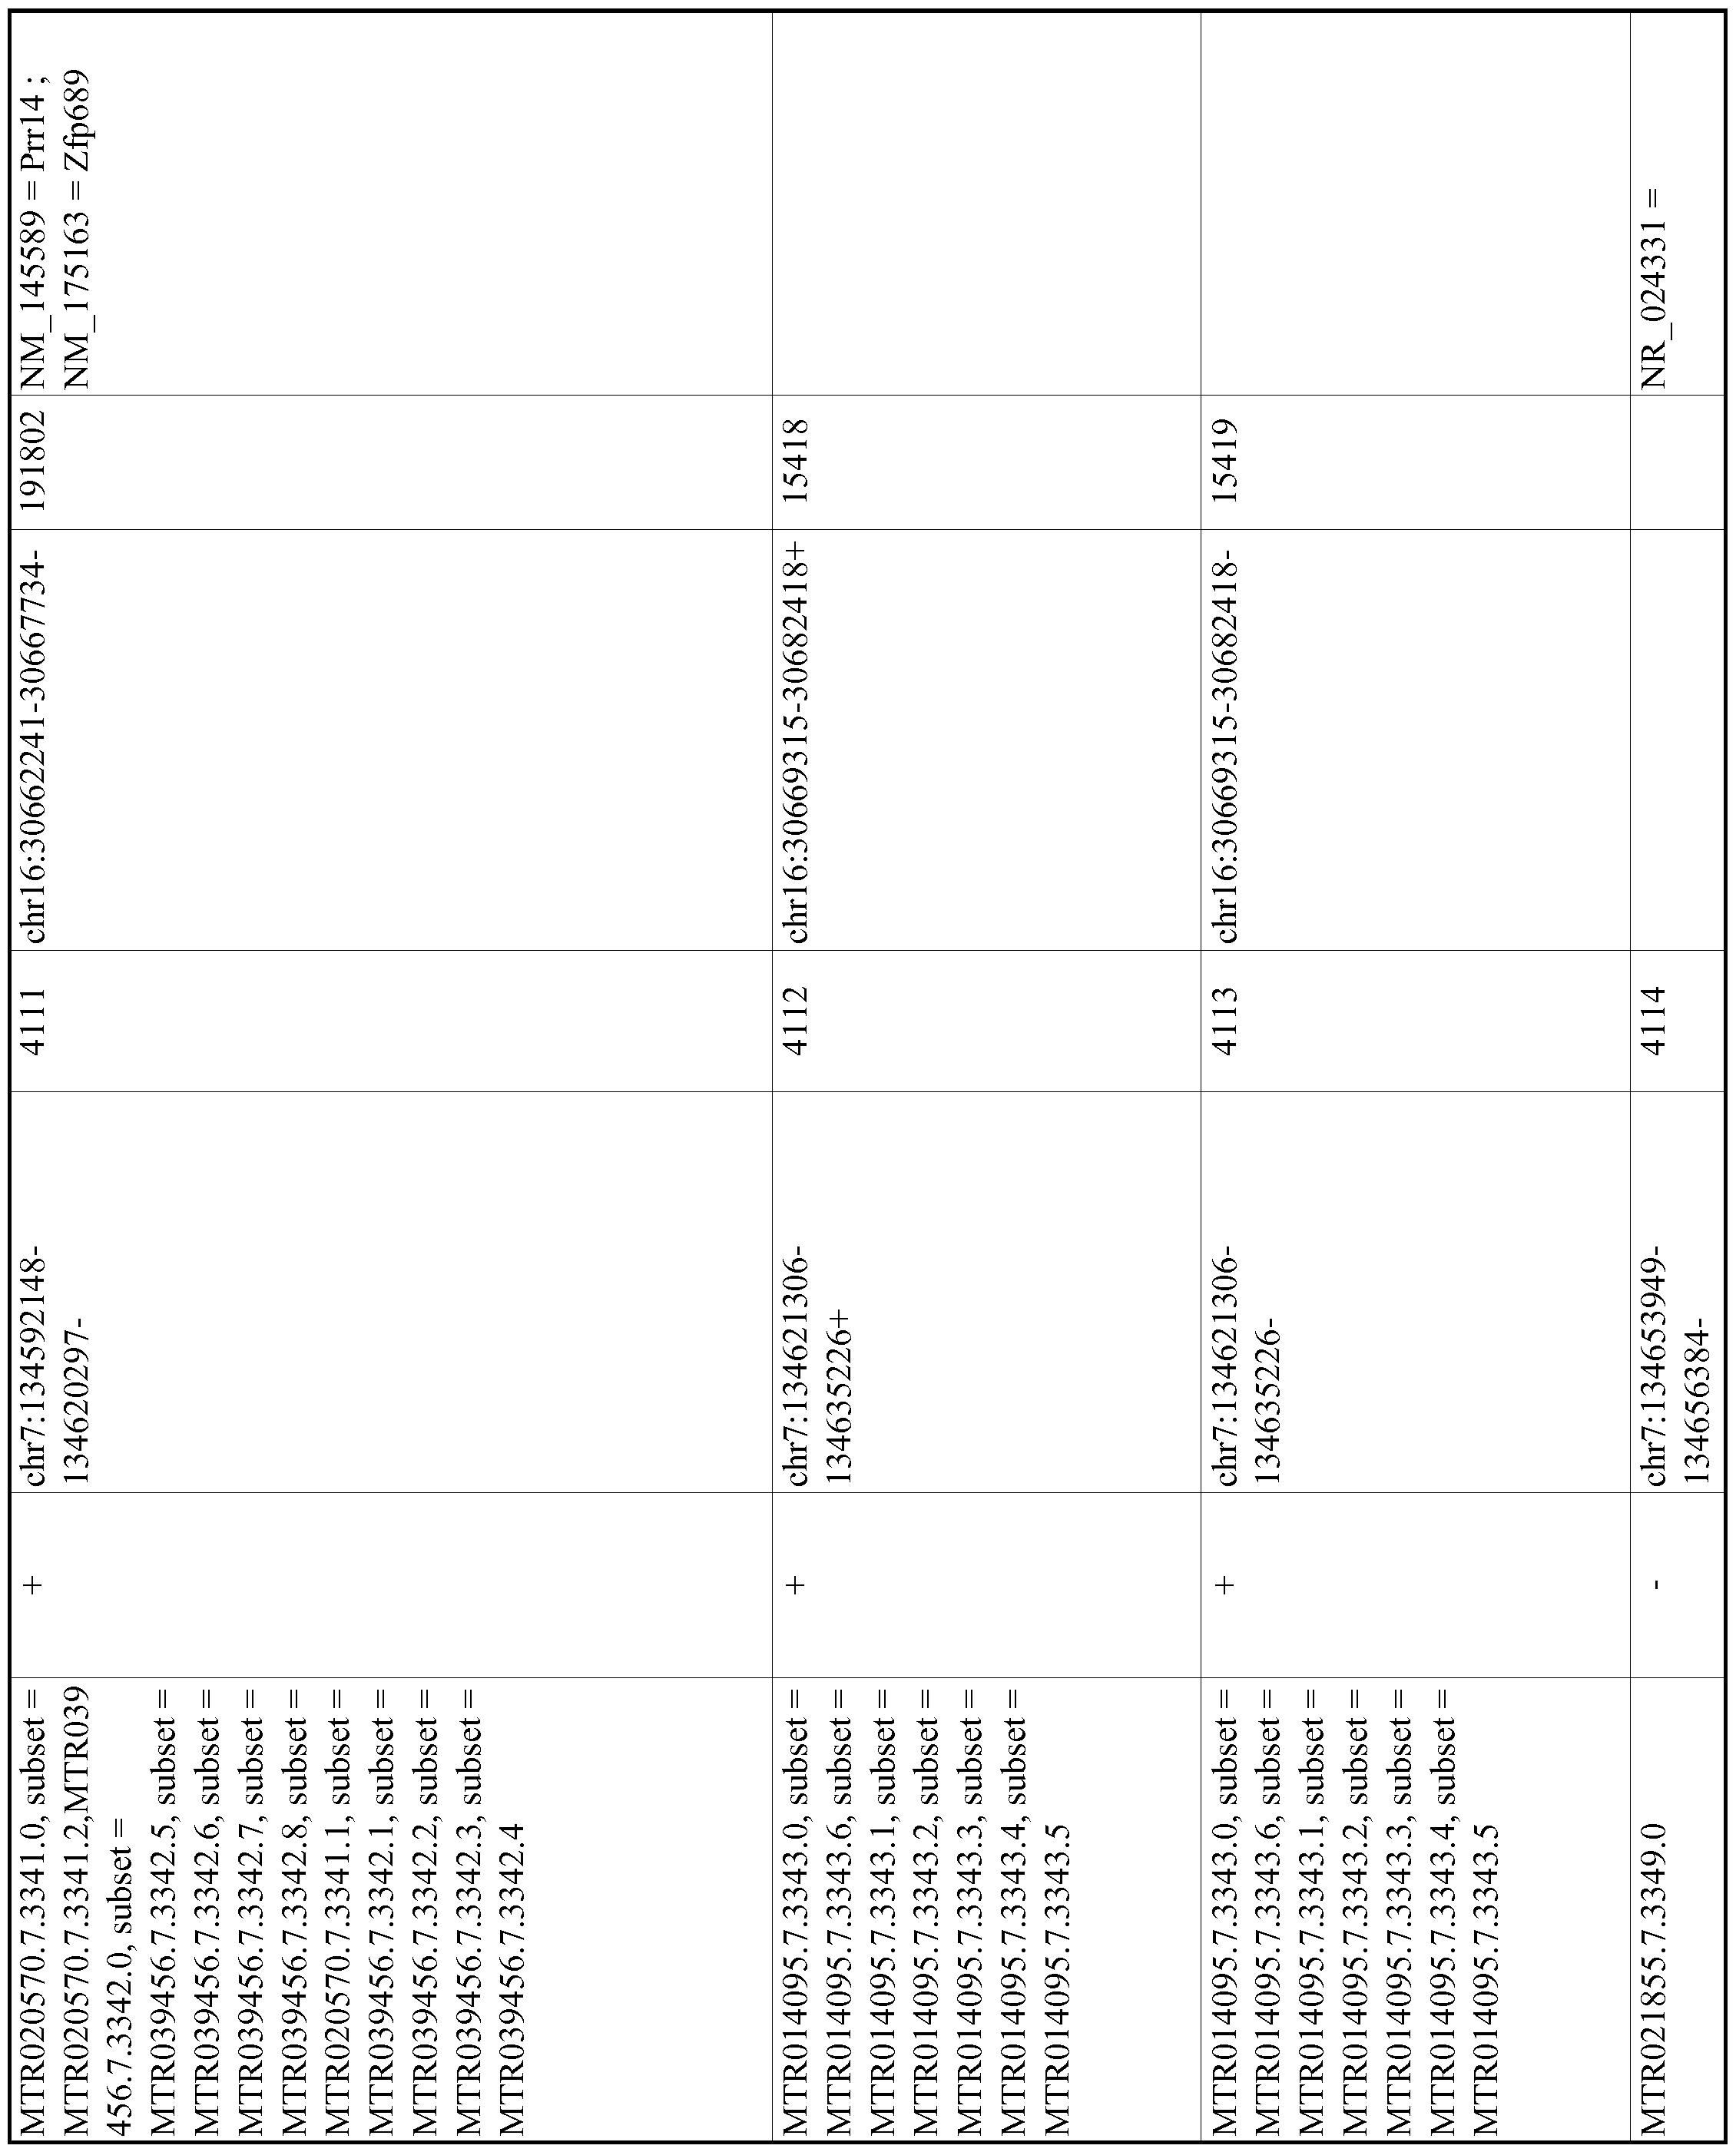 Figure imgf000777_0001